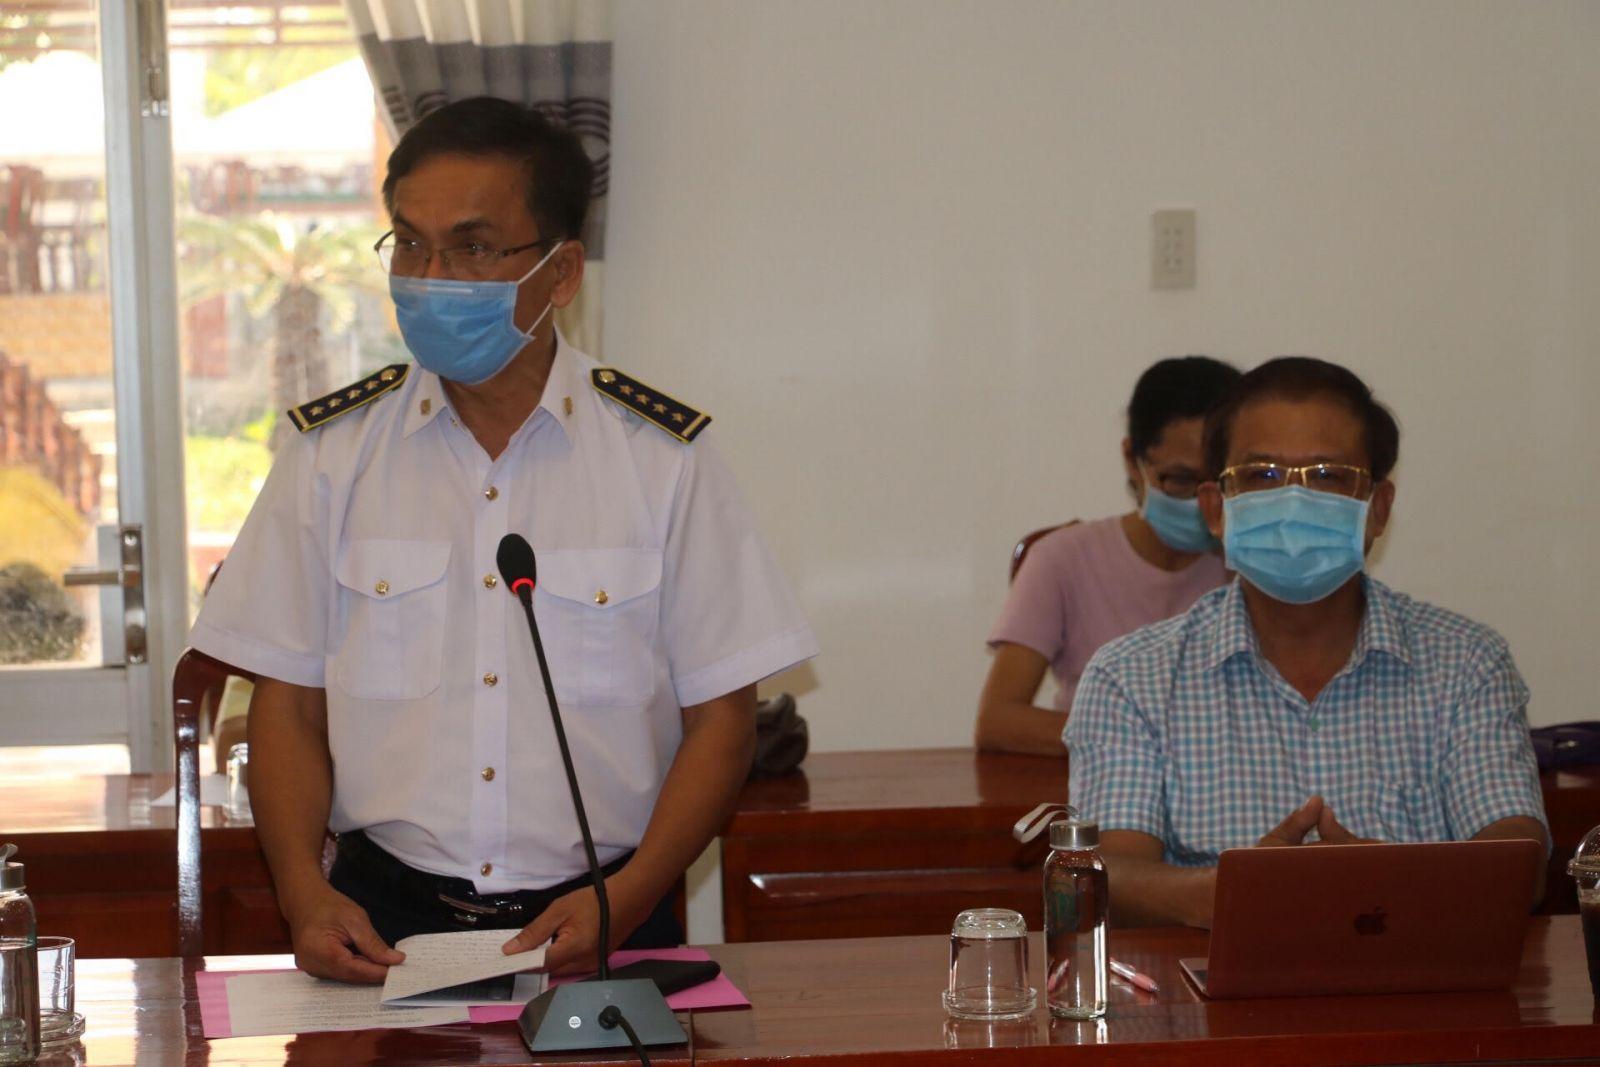 Thạc sĩ Trần Văn Hai - Giám đốc Trung tâm Kiểm soát bệnh tật (CDC) Đồng Tháp: Bằng mọi cách phải truy vết, tìm kiếm cho bằng được các F1 còn lại của BN2424